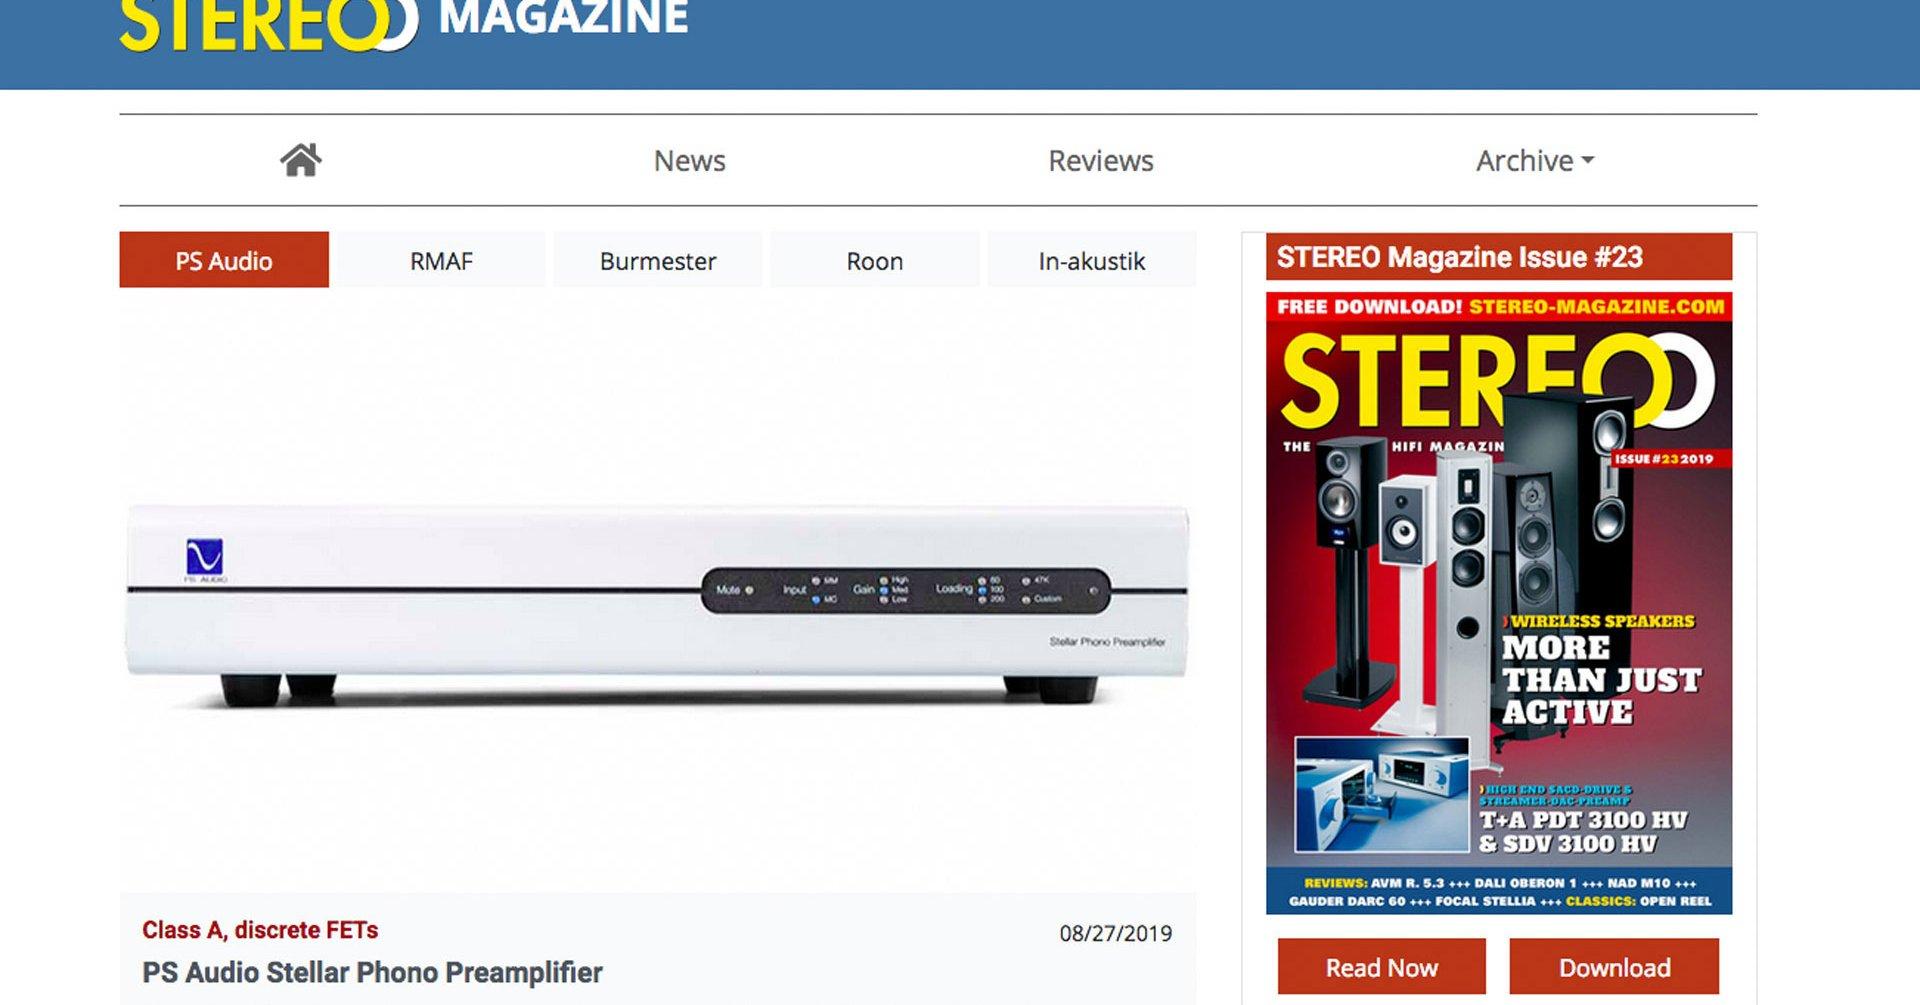 Stereo Magazine: Stereo Magazine Homepage